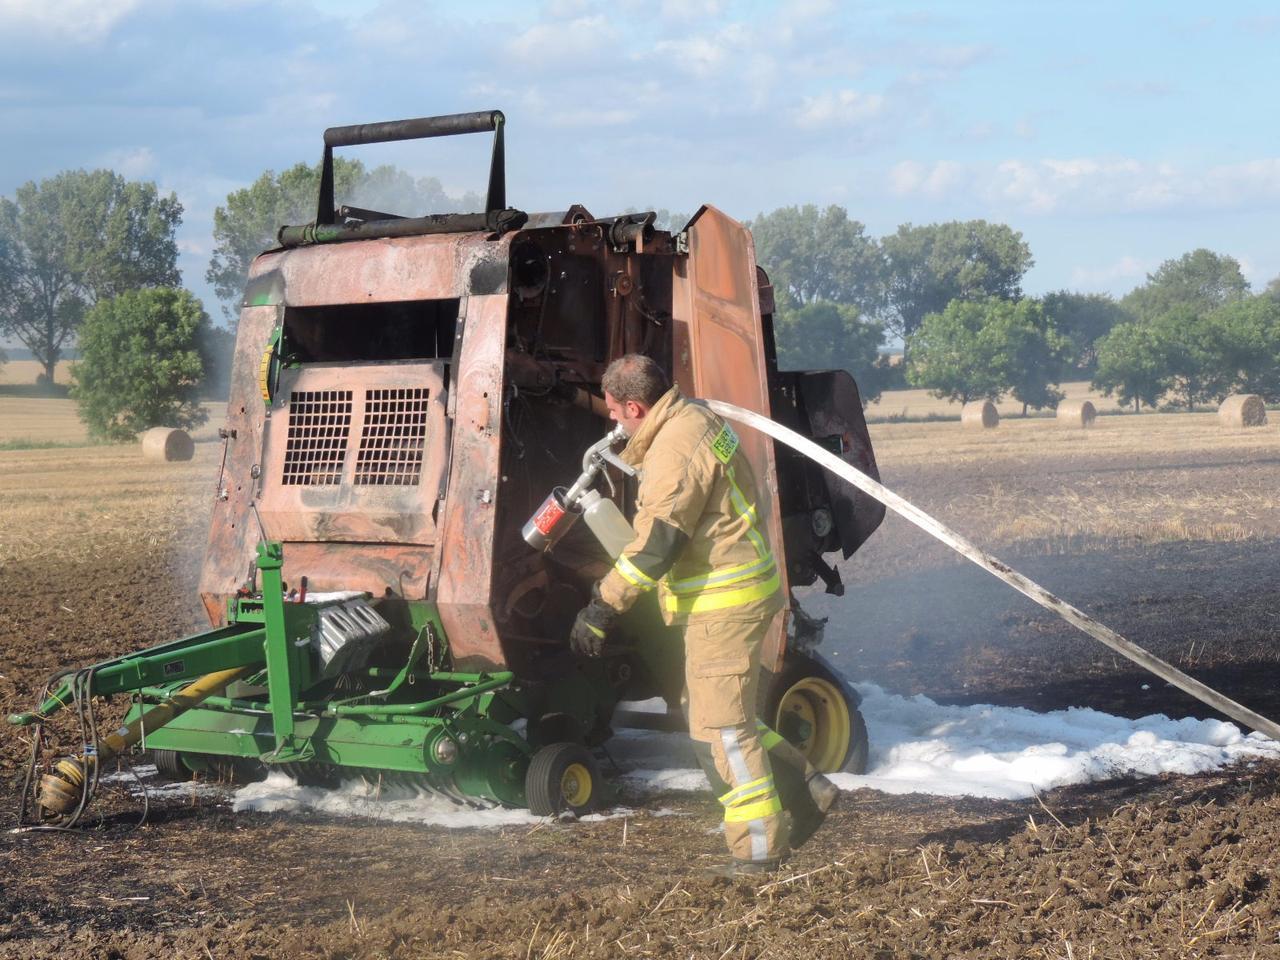 Strohpresse in Brand: 80.000 Euro Schaden